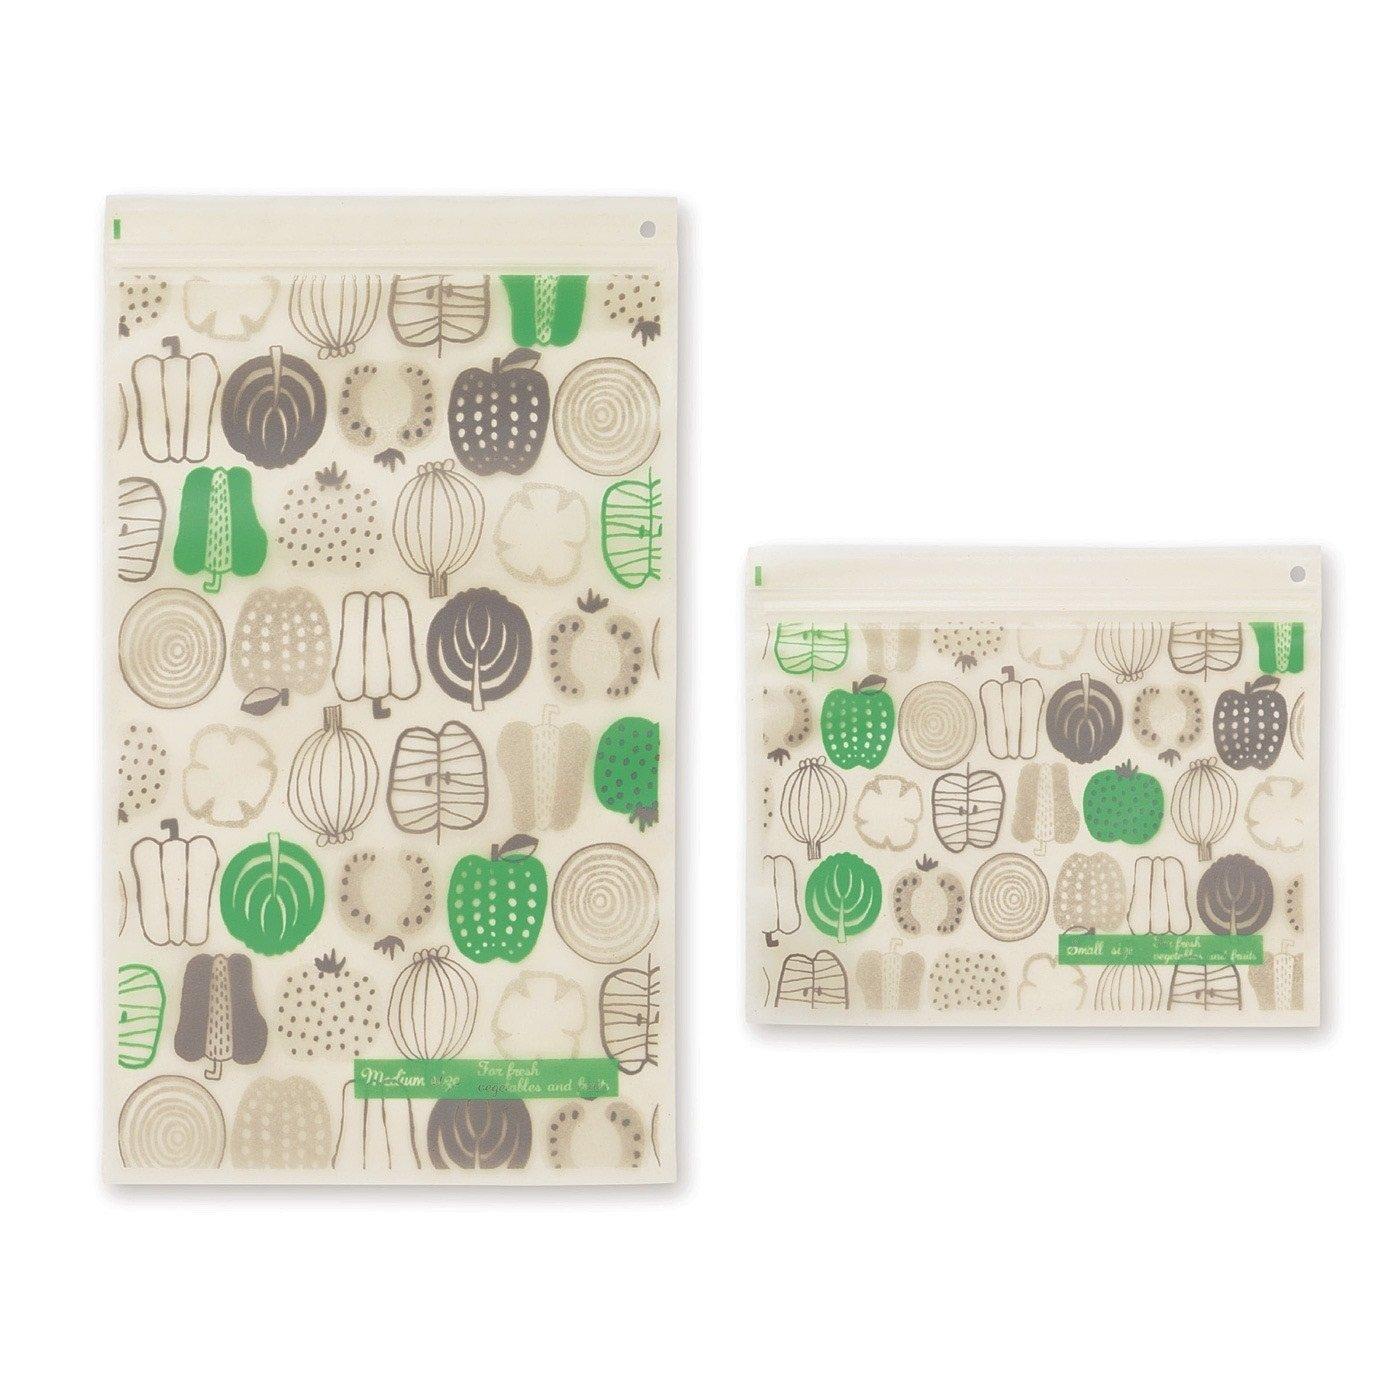 米ぬかでシャキッ! 抗菌・鮮度保持ジップバッグ〈S・Mサイズ〉